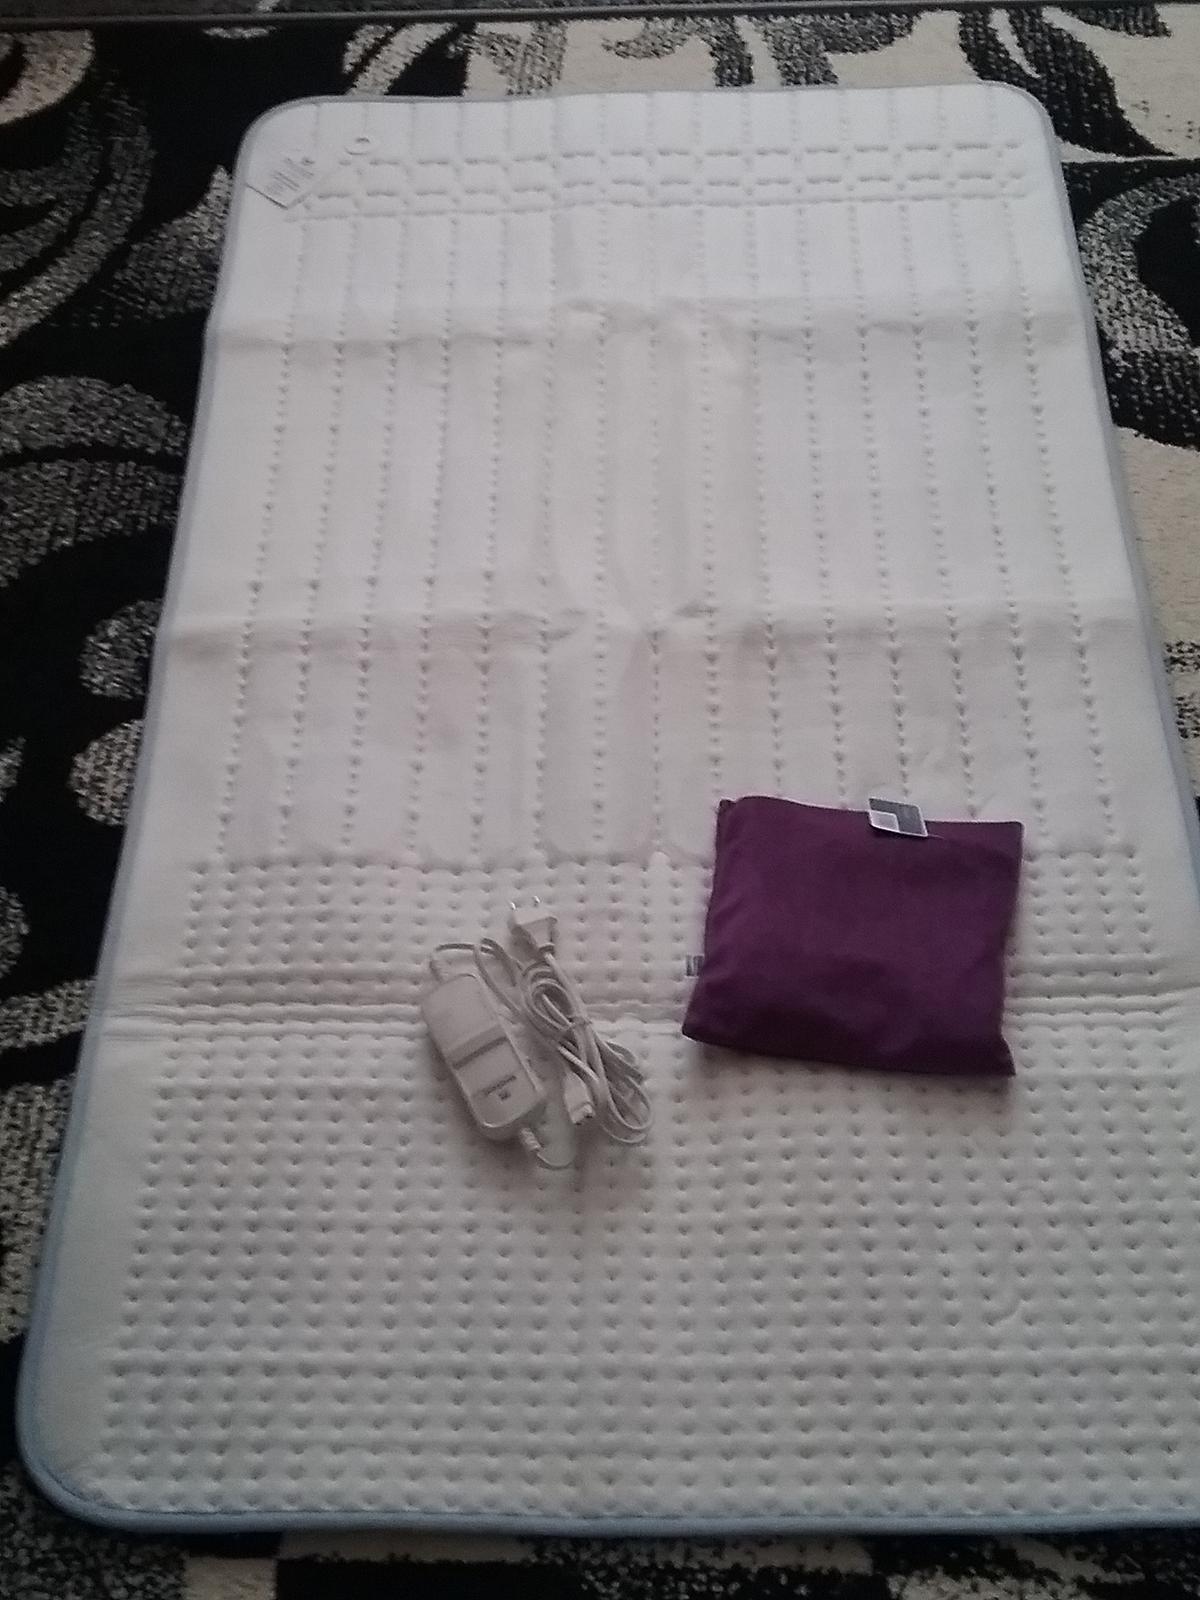 Elektricka vyhrievacia deka - Obrázok č. 1